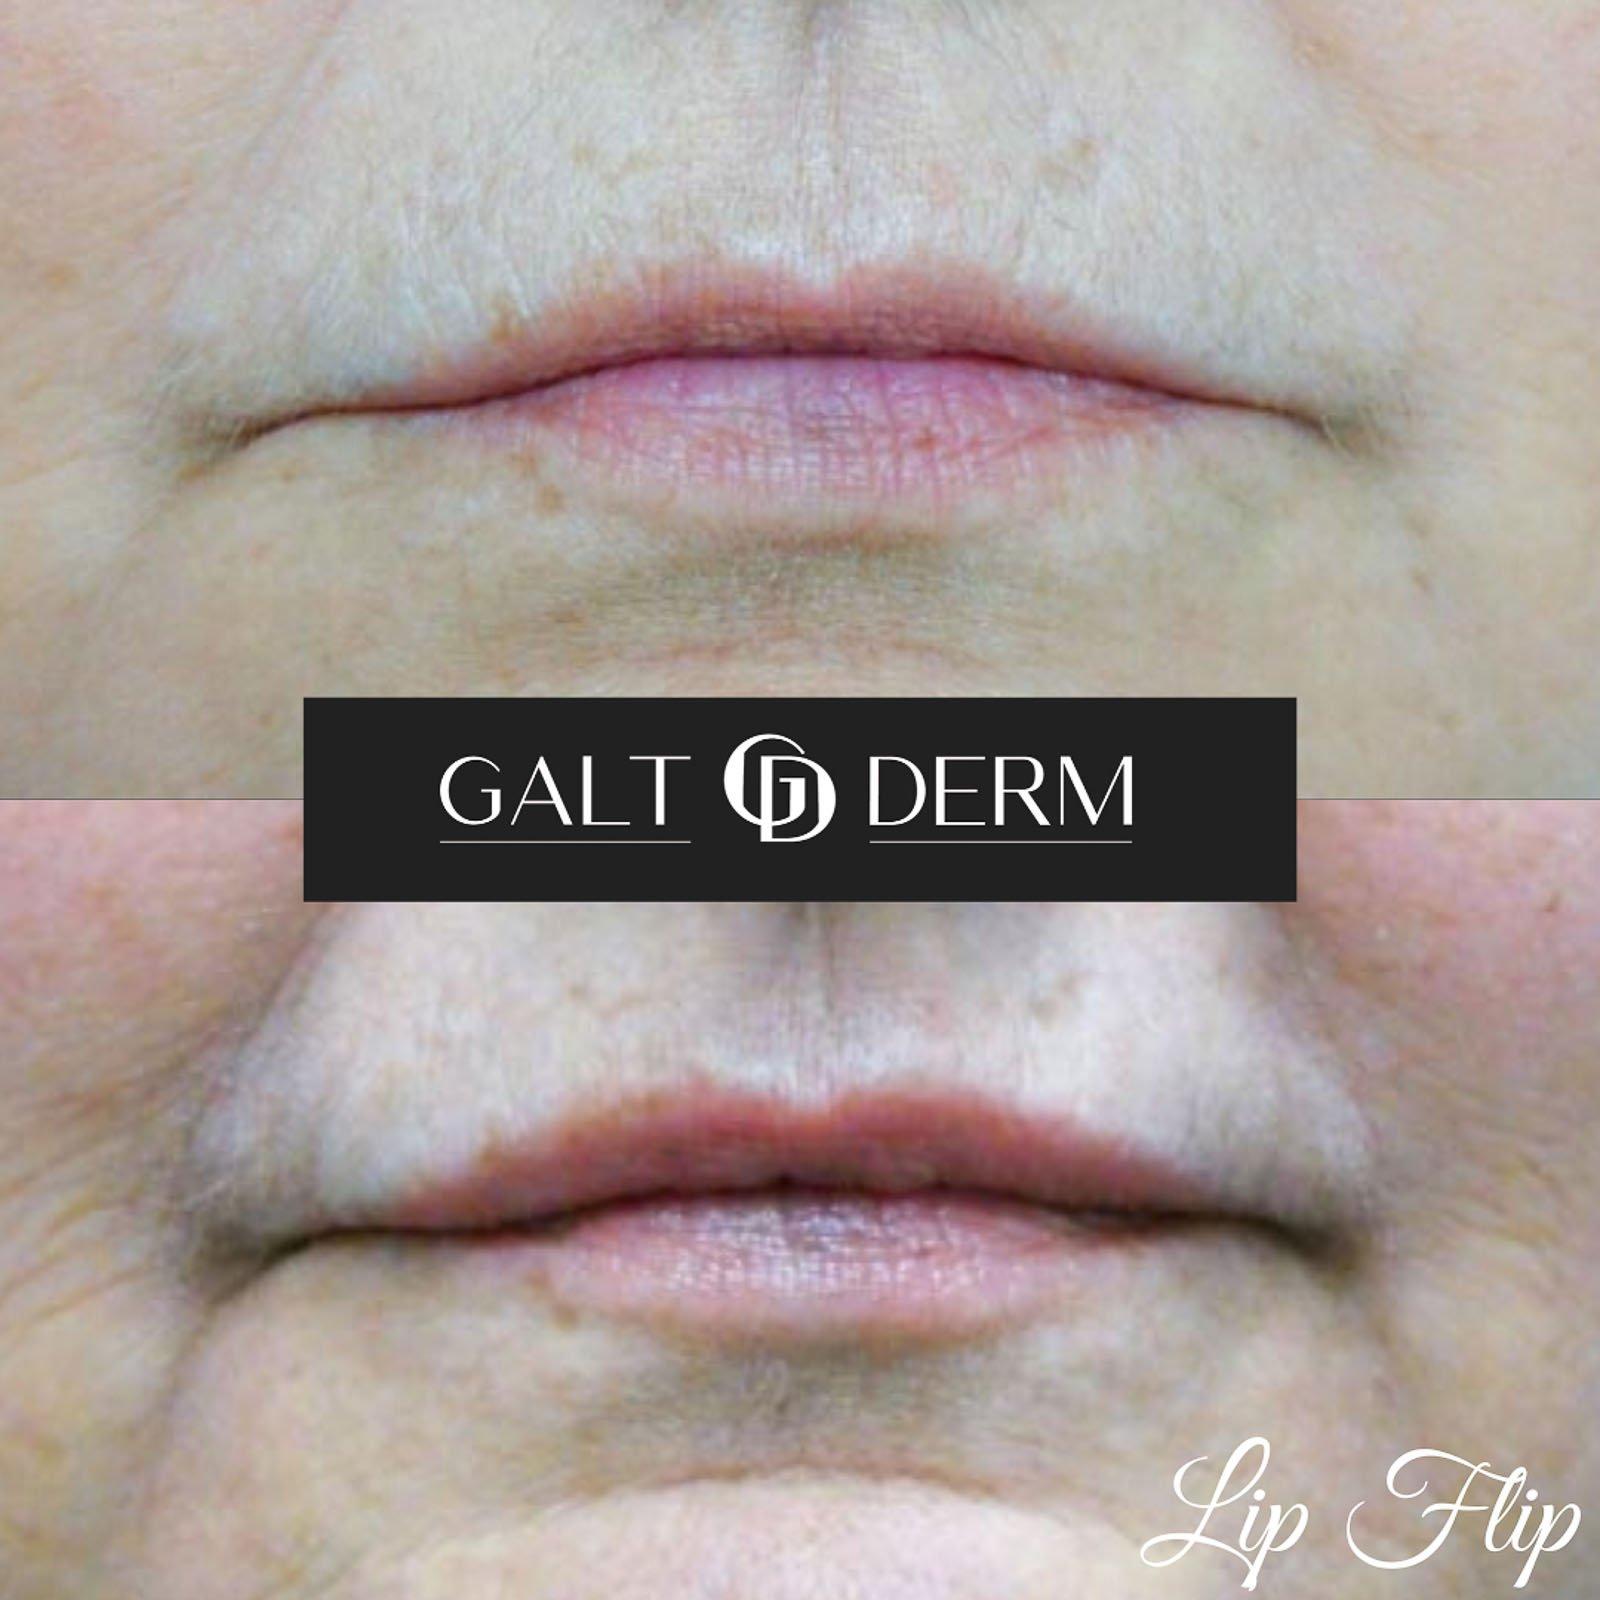 Botox Lip Flip in Fort Lauderdale Fl 3